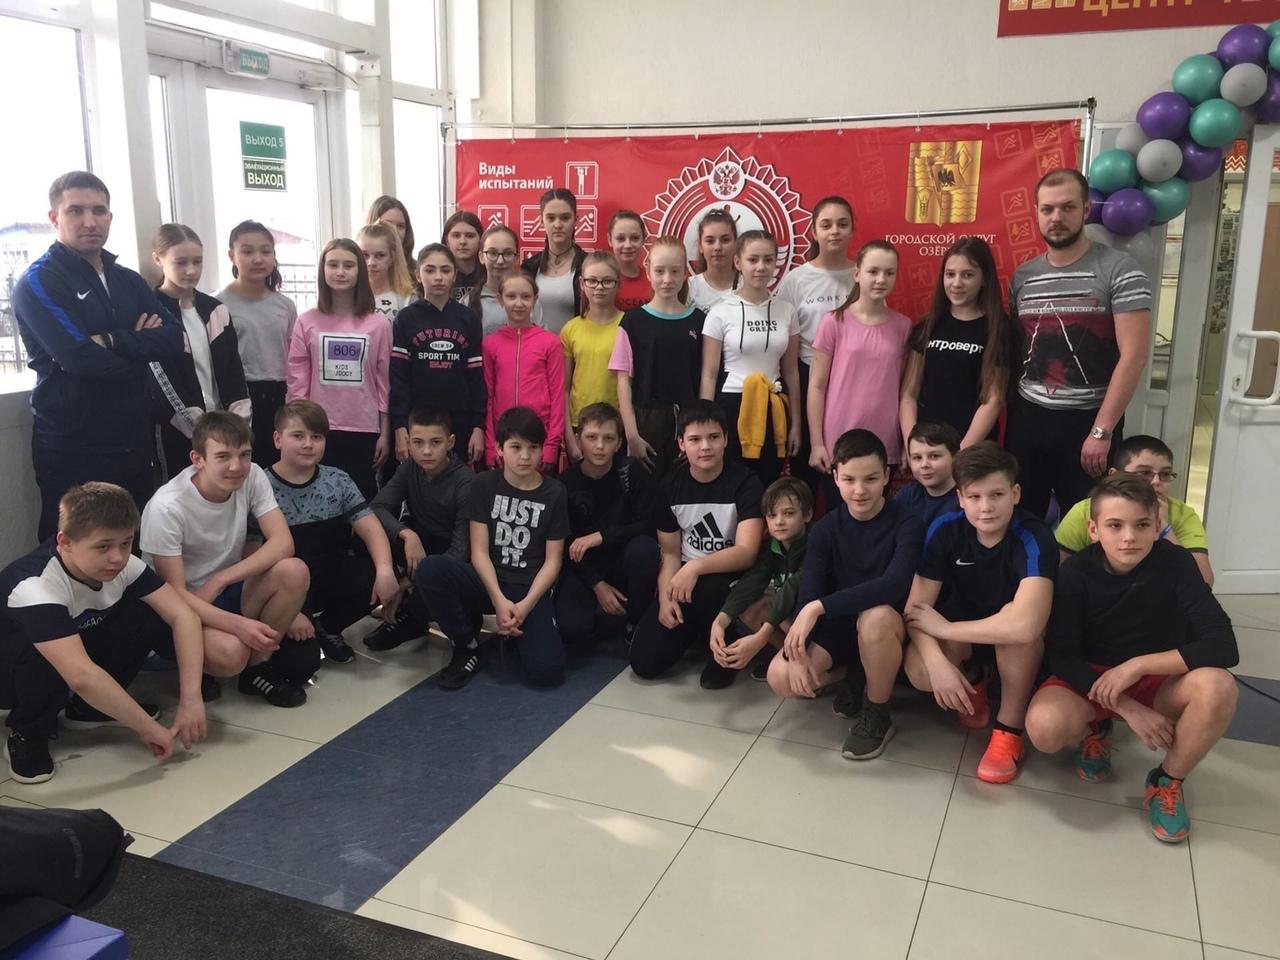 11 марта на базе МУ «СЦ им. А. Гринина» учащиеся 6-х классов МБОУ СОШ 3 и МБОУ Гимназия 4 приняли участие в выполнении норматив ВФСК ГТО III и IV ступеней.